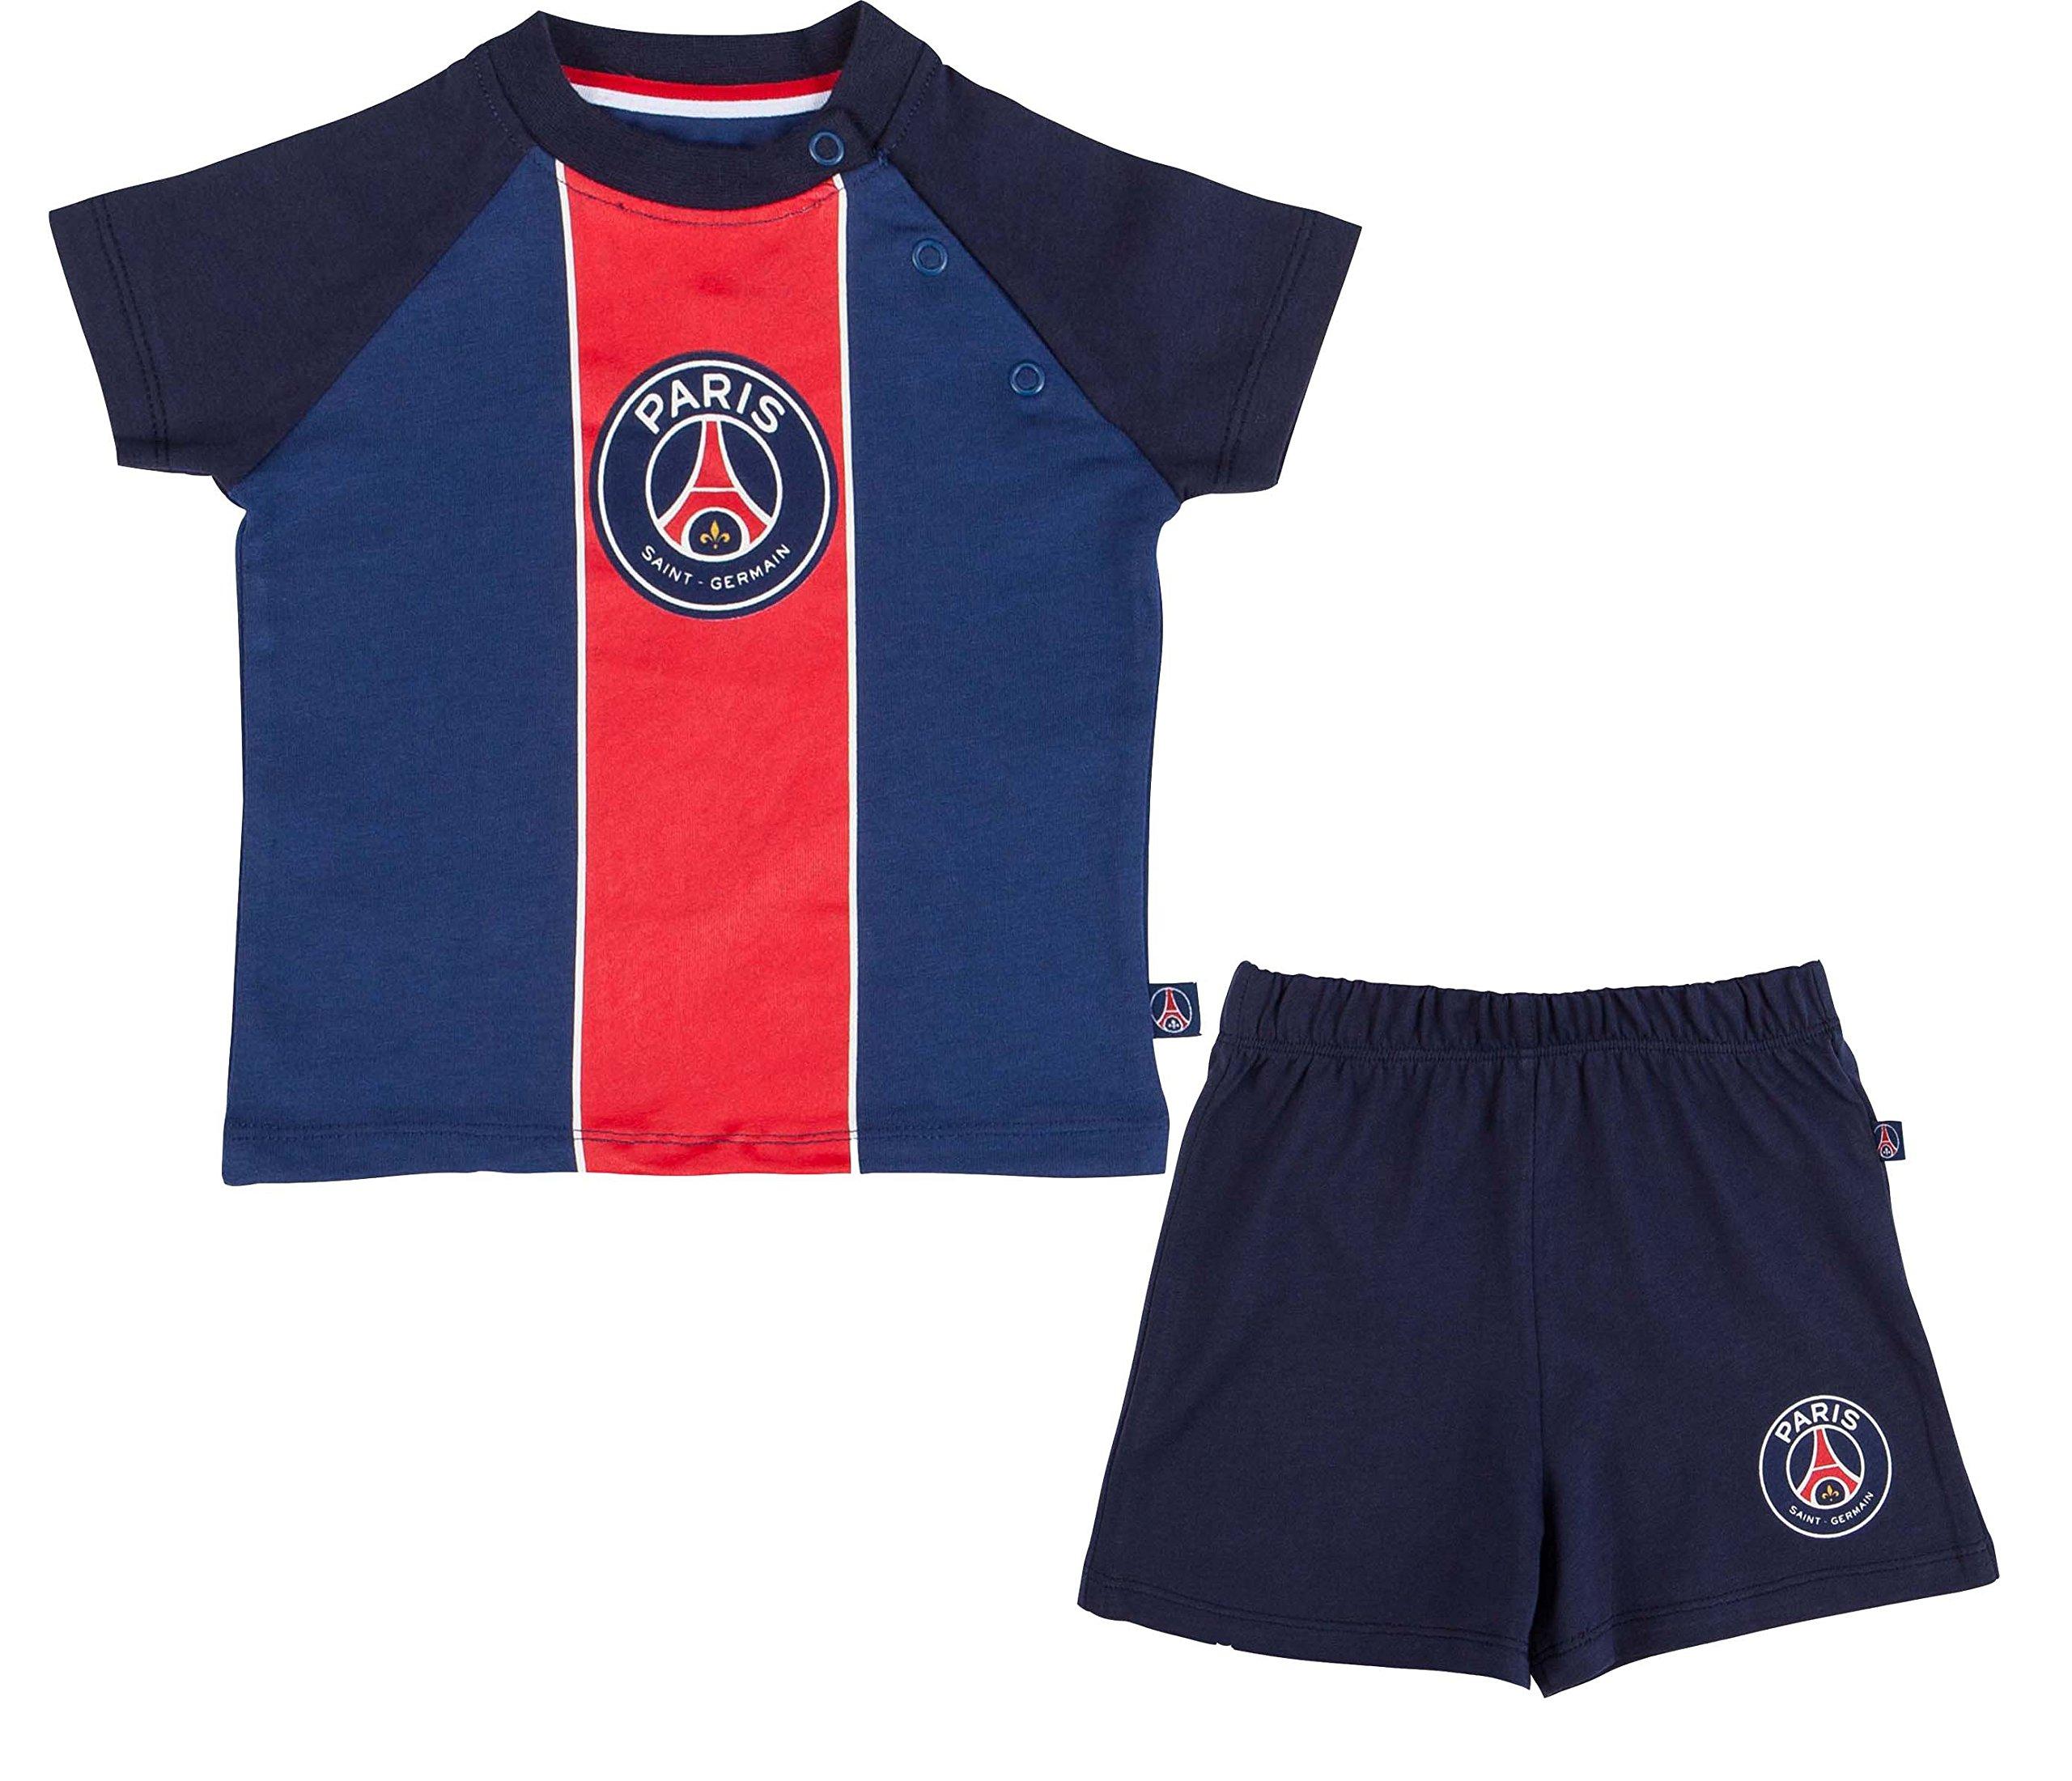 Maglietta + Pantaloncini PSG���Collezione ufficiale Paris Saint Germain���Dimensione Bambino Ragazzo